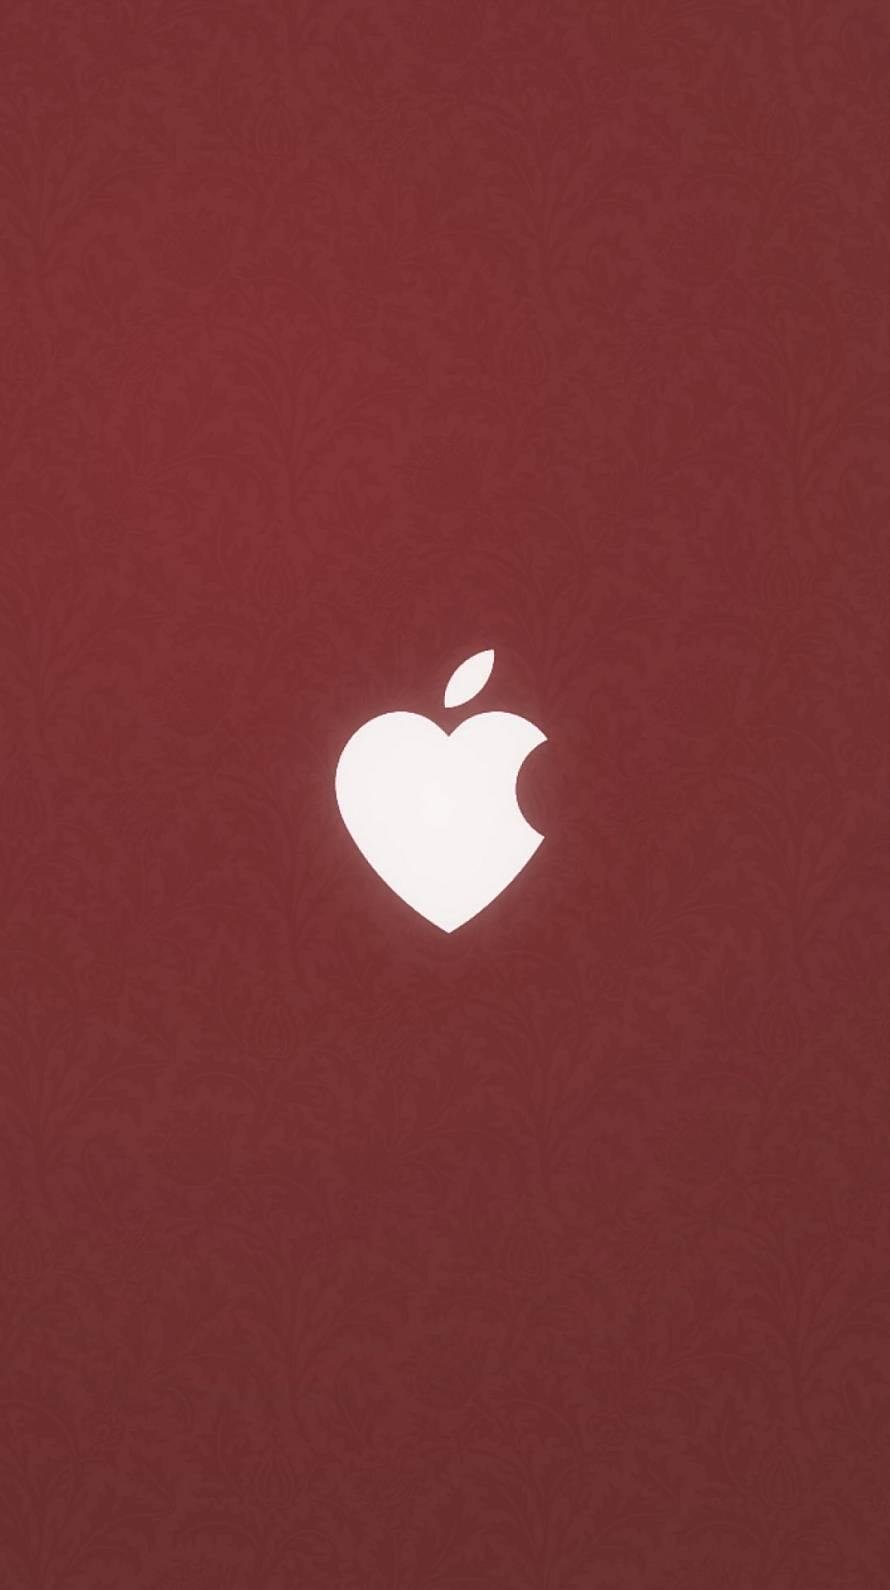 ハートのアップルマーク iPhone6壁紙